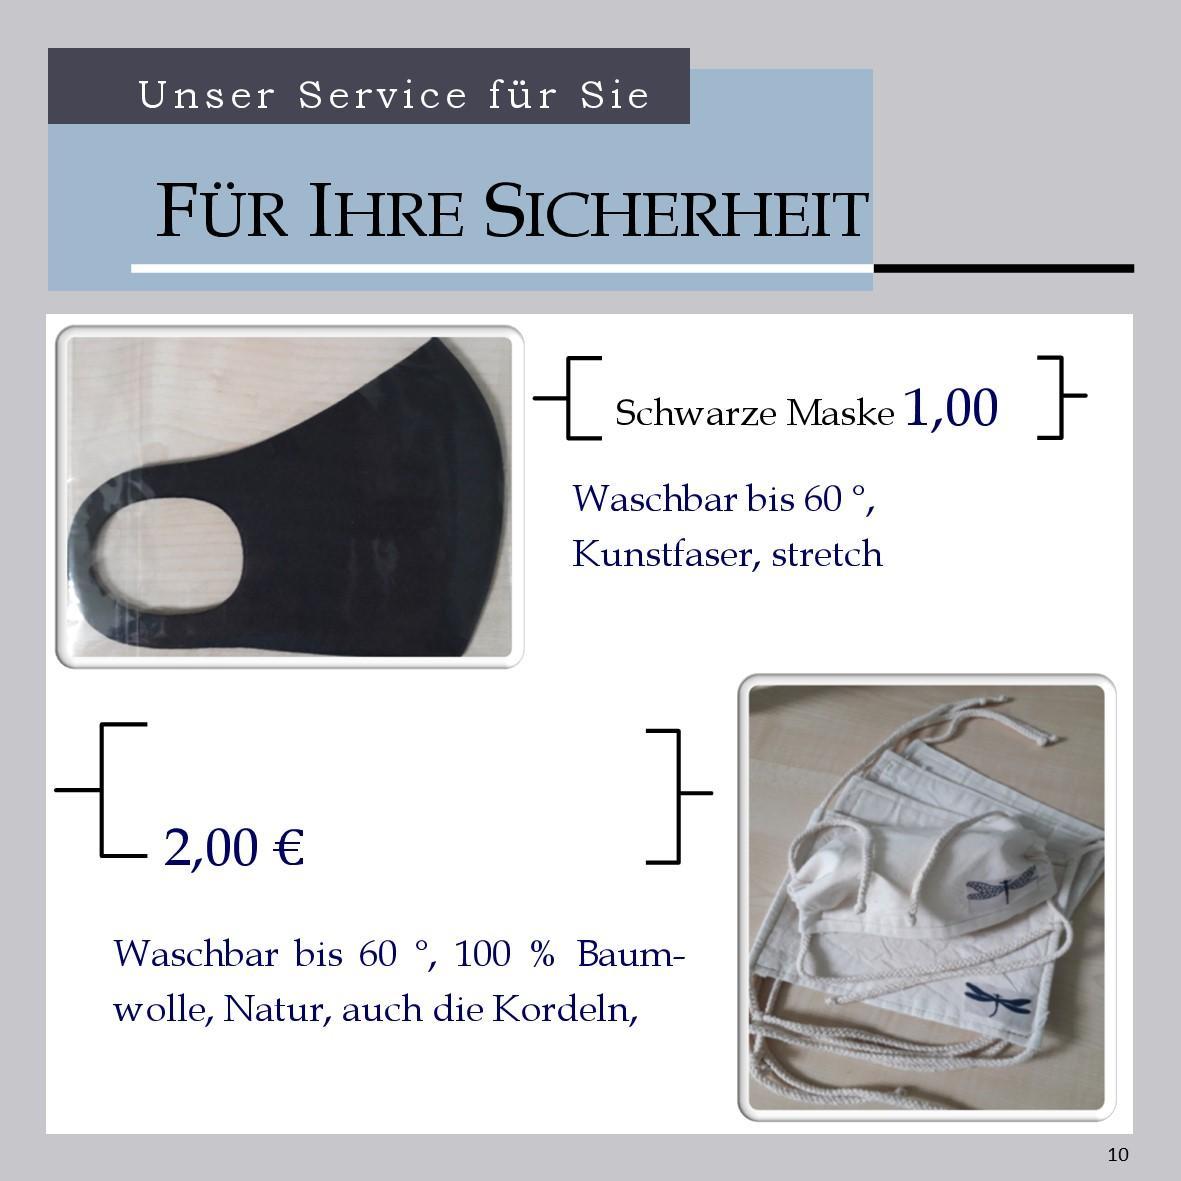 03_Broschüre regionale Produkte 10